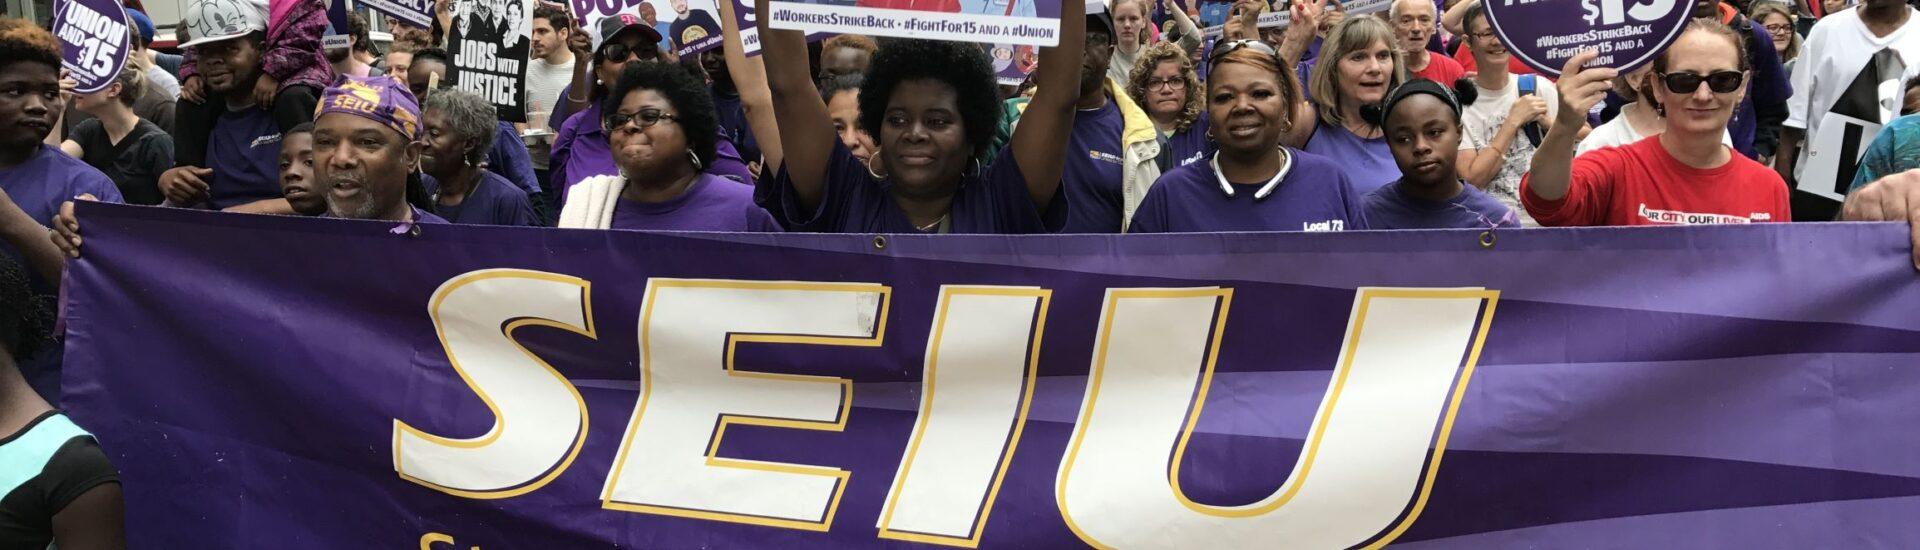 ΗΠΑ: Νοσοκόμες και οι εργαζόμενοι απεργούν στο Πανεπιστημιακό Νοσοκομείο του Ιλινόις